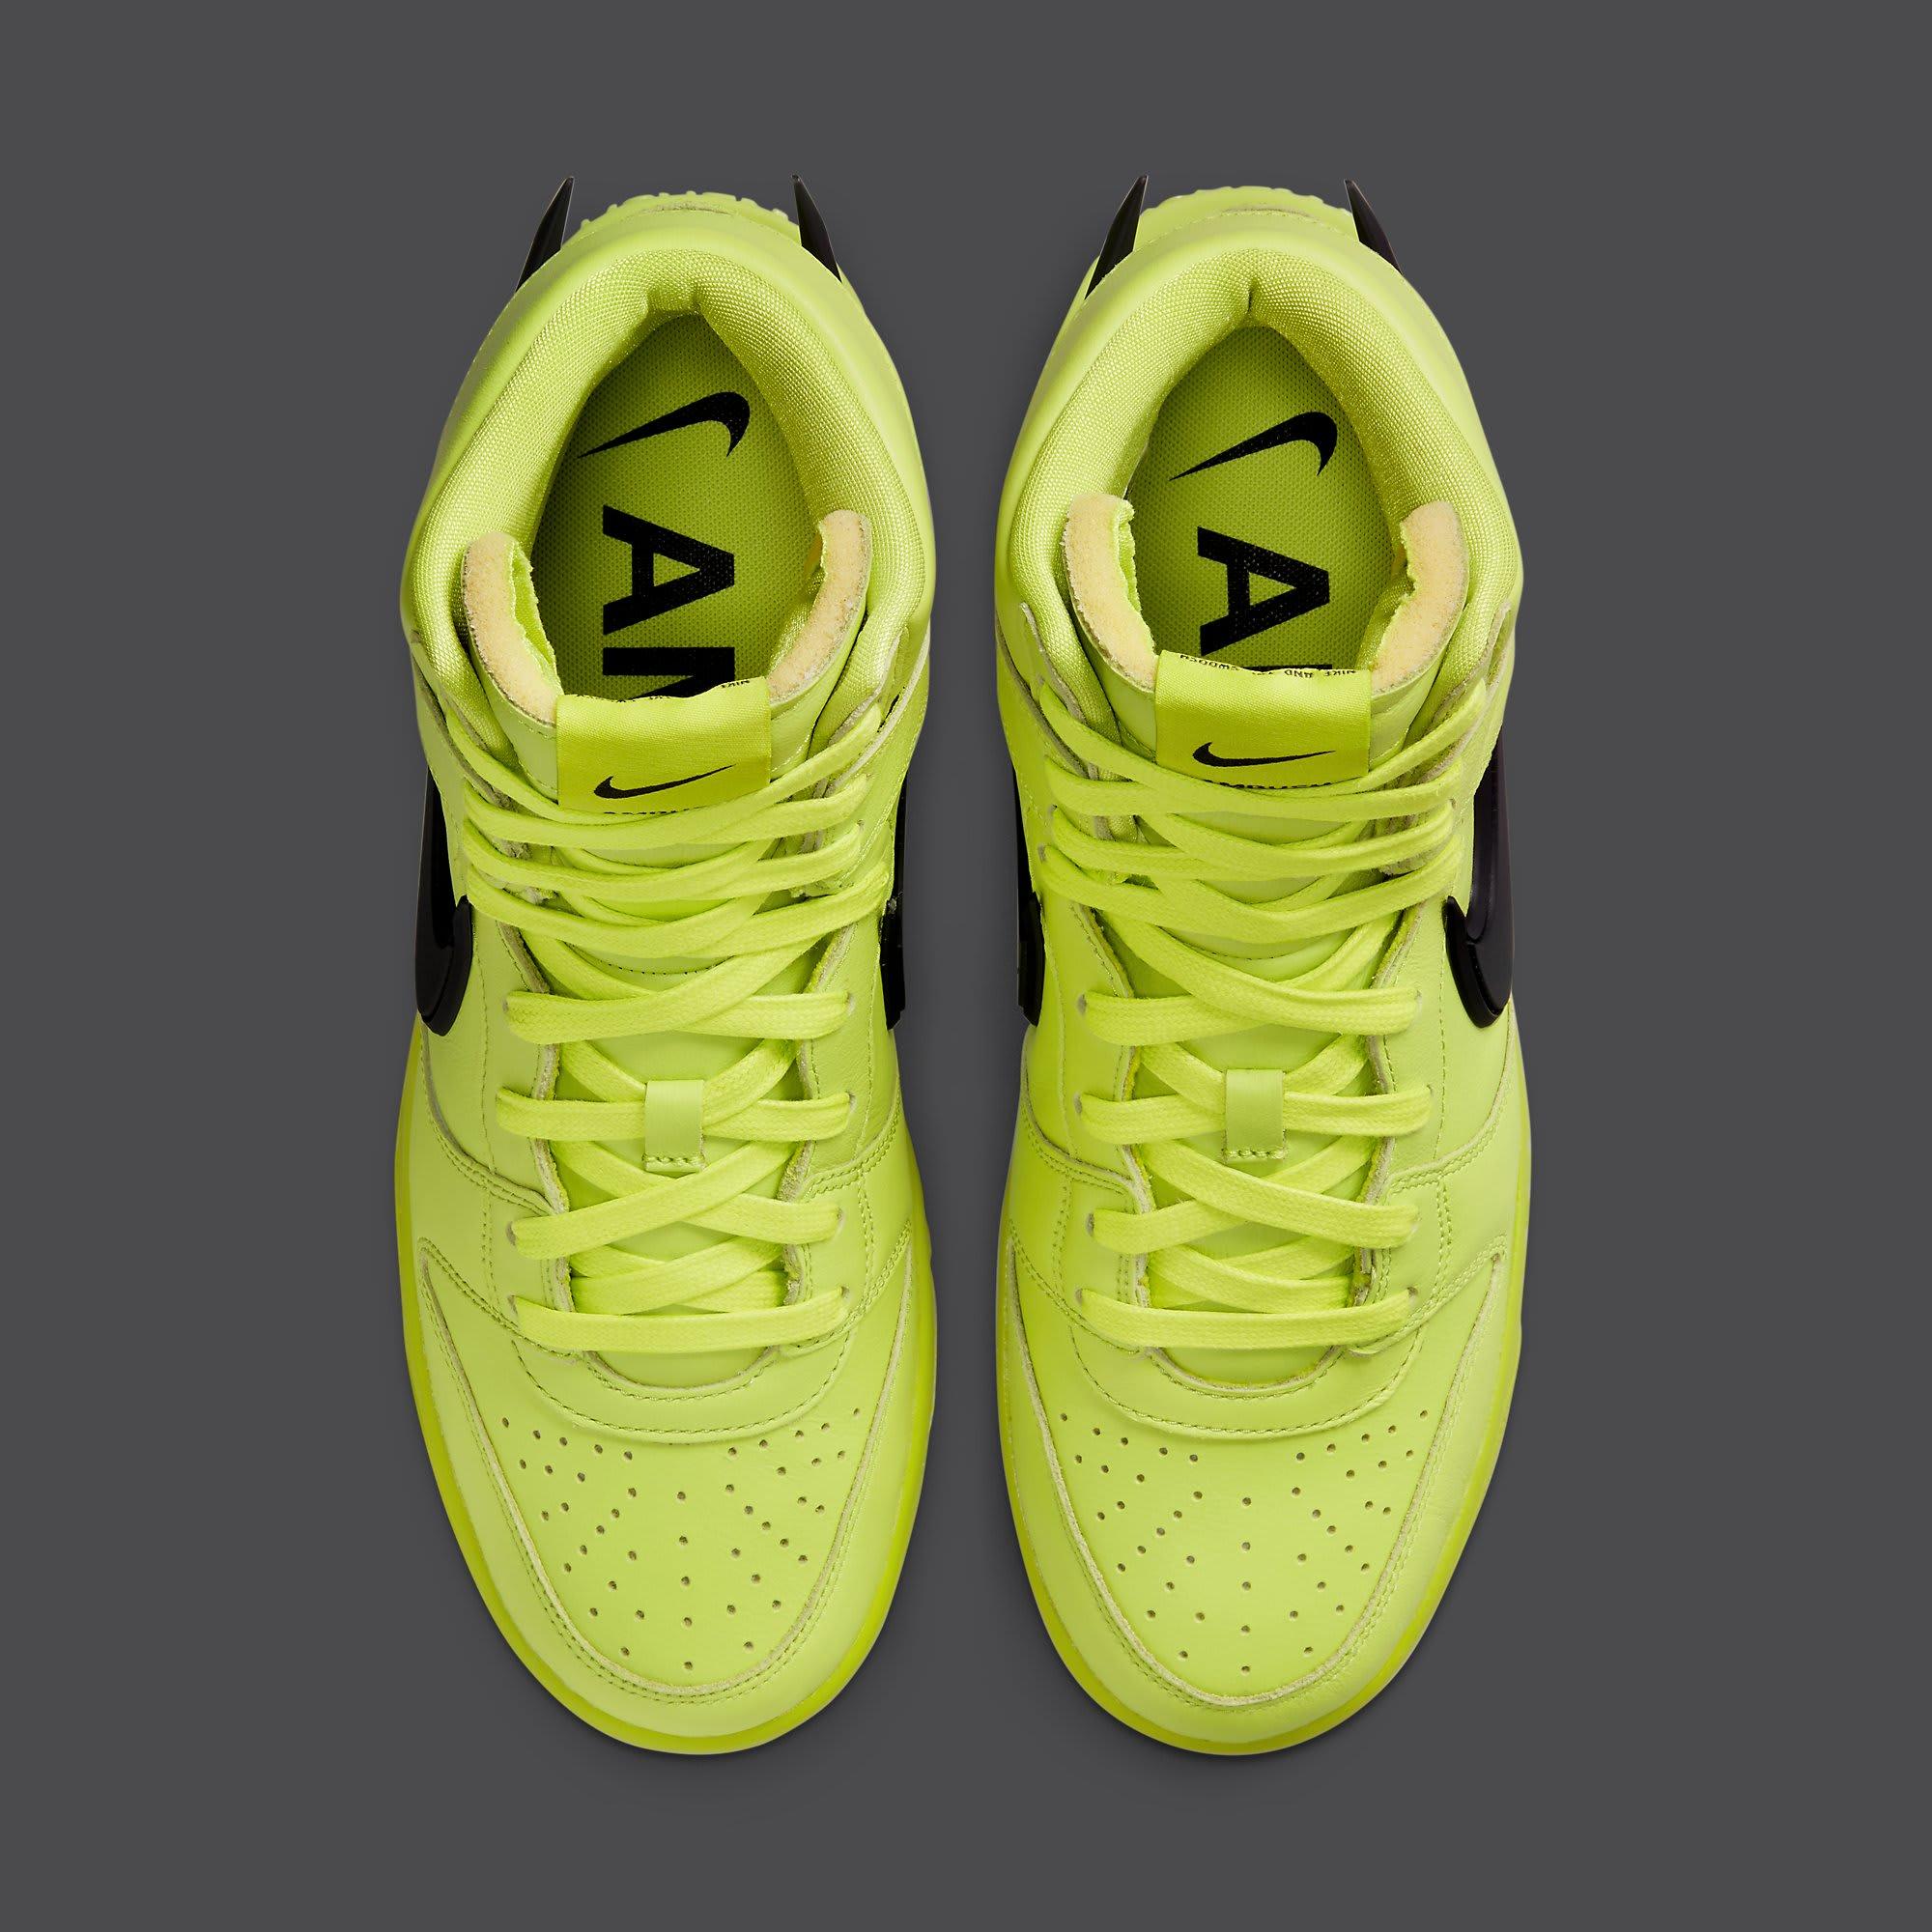 Ambush x Nike Dunk High Atomic Green Release Date CU7544-300 Top